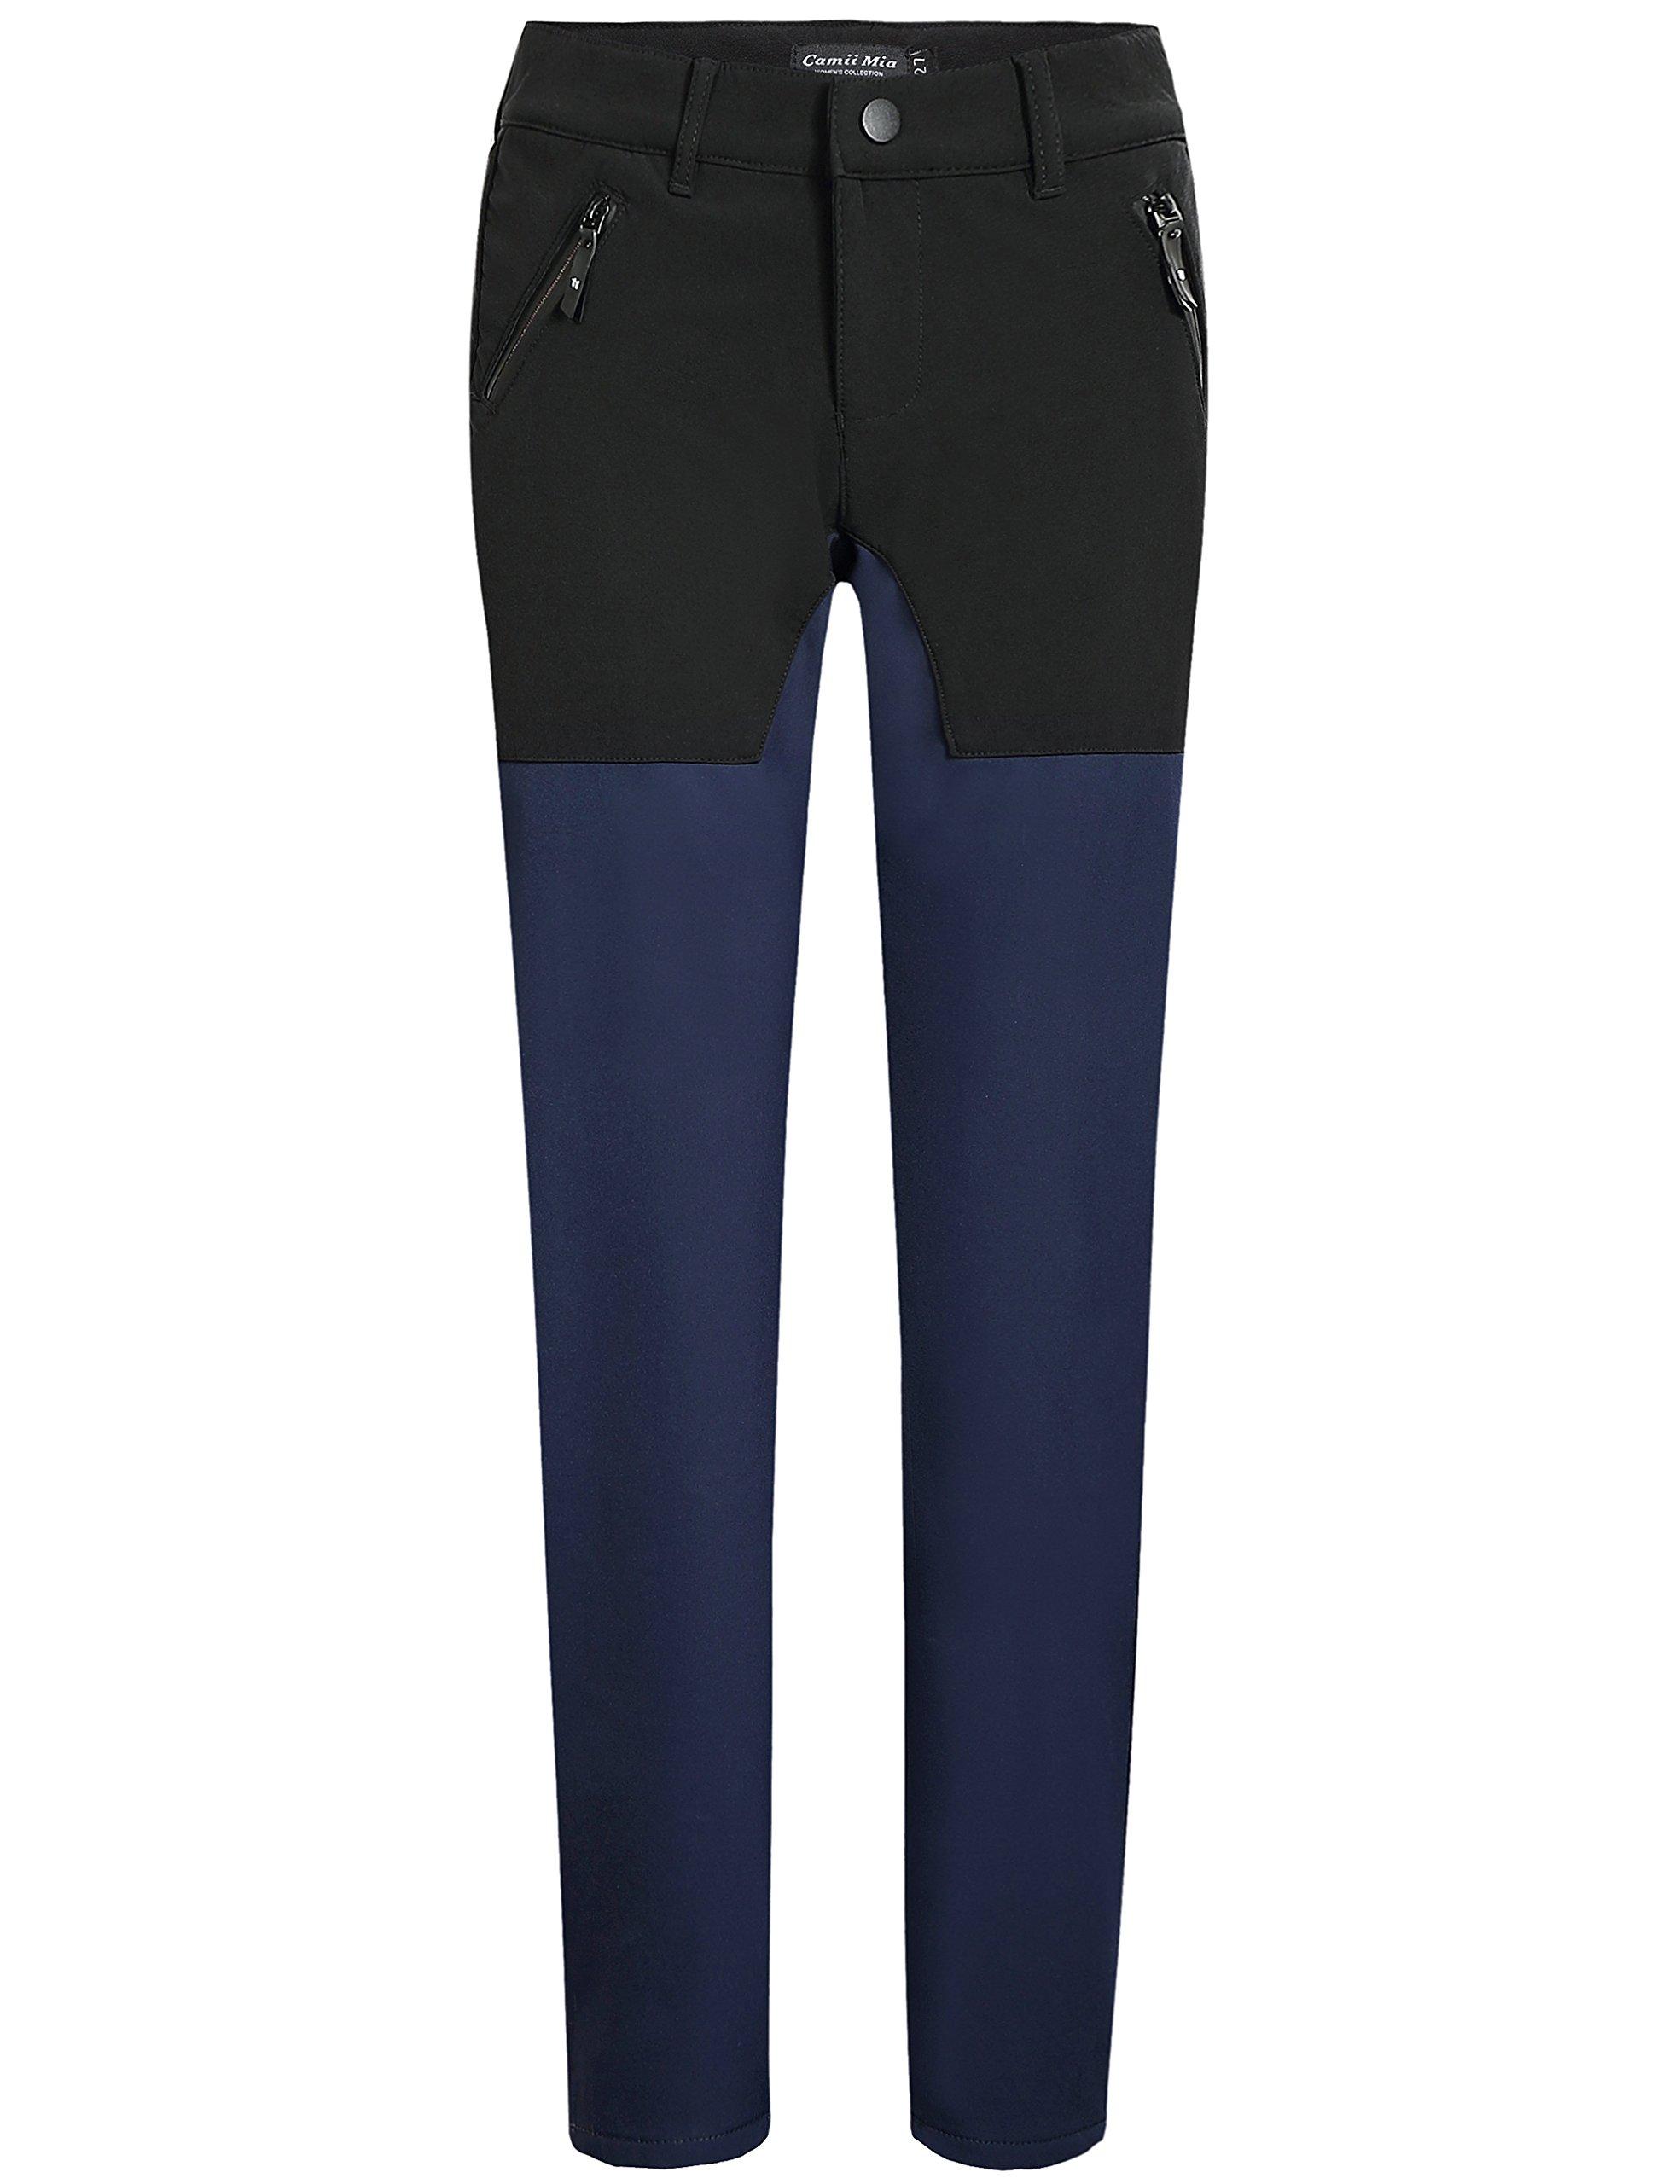 Camii Mia Women's Outdoor Sportswear Windproof Waterproof Fleece Hiking Pants (W27 x L32, Navy Black)